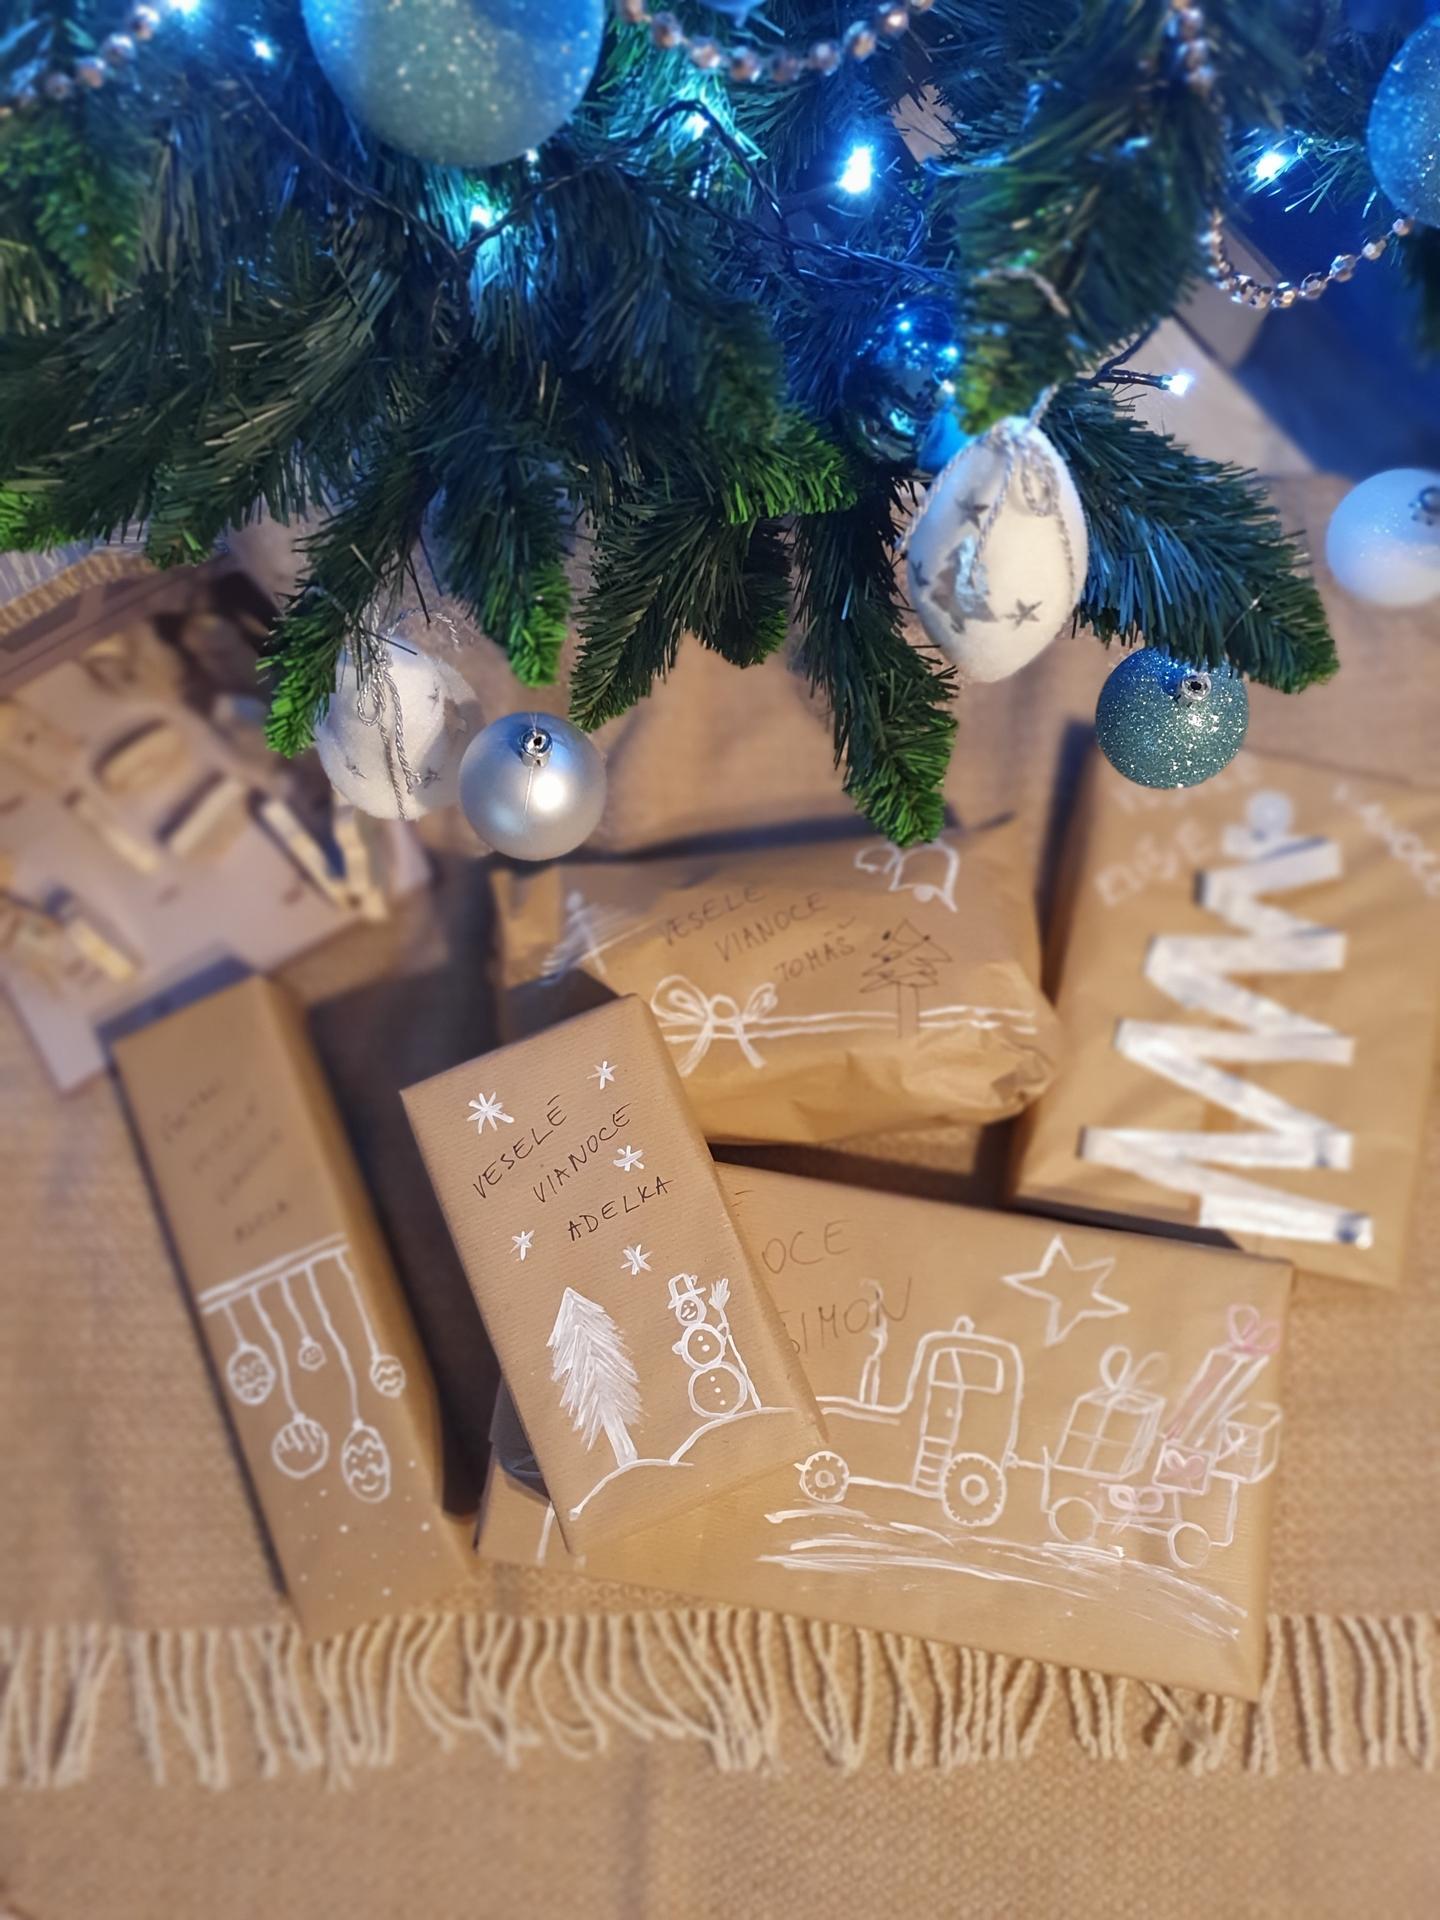 Vianočné dekorácie/Vianočná inšpirácia - Obrázok č. 26